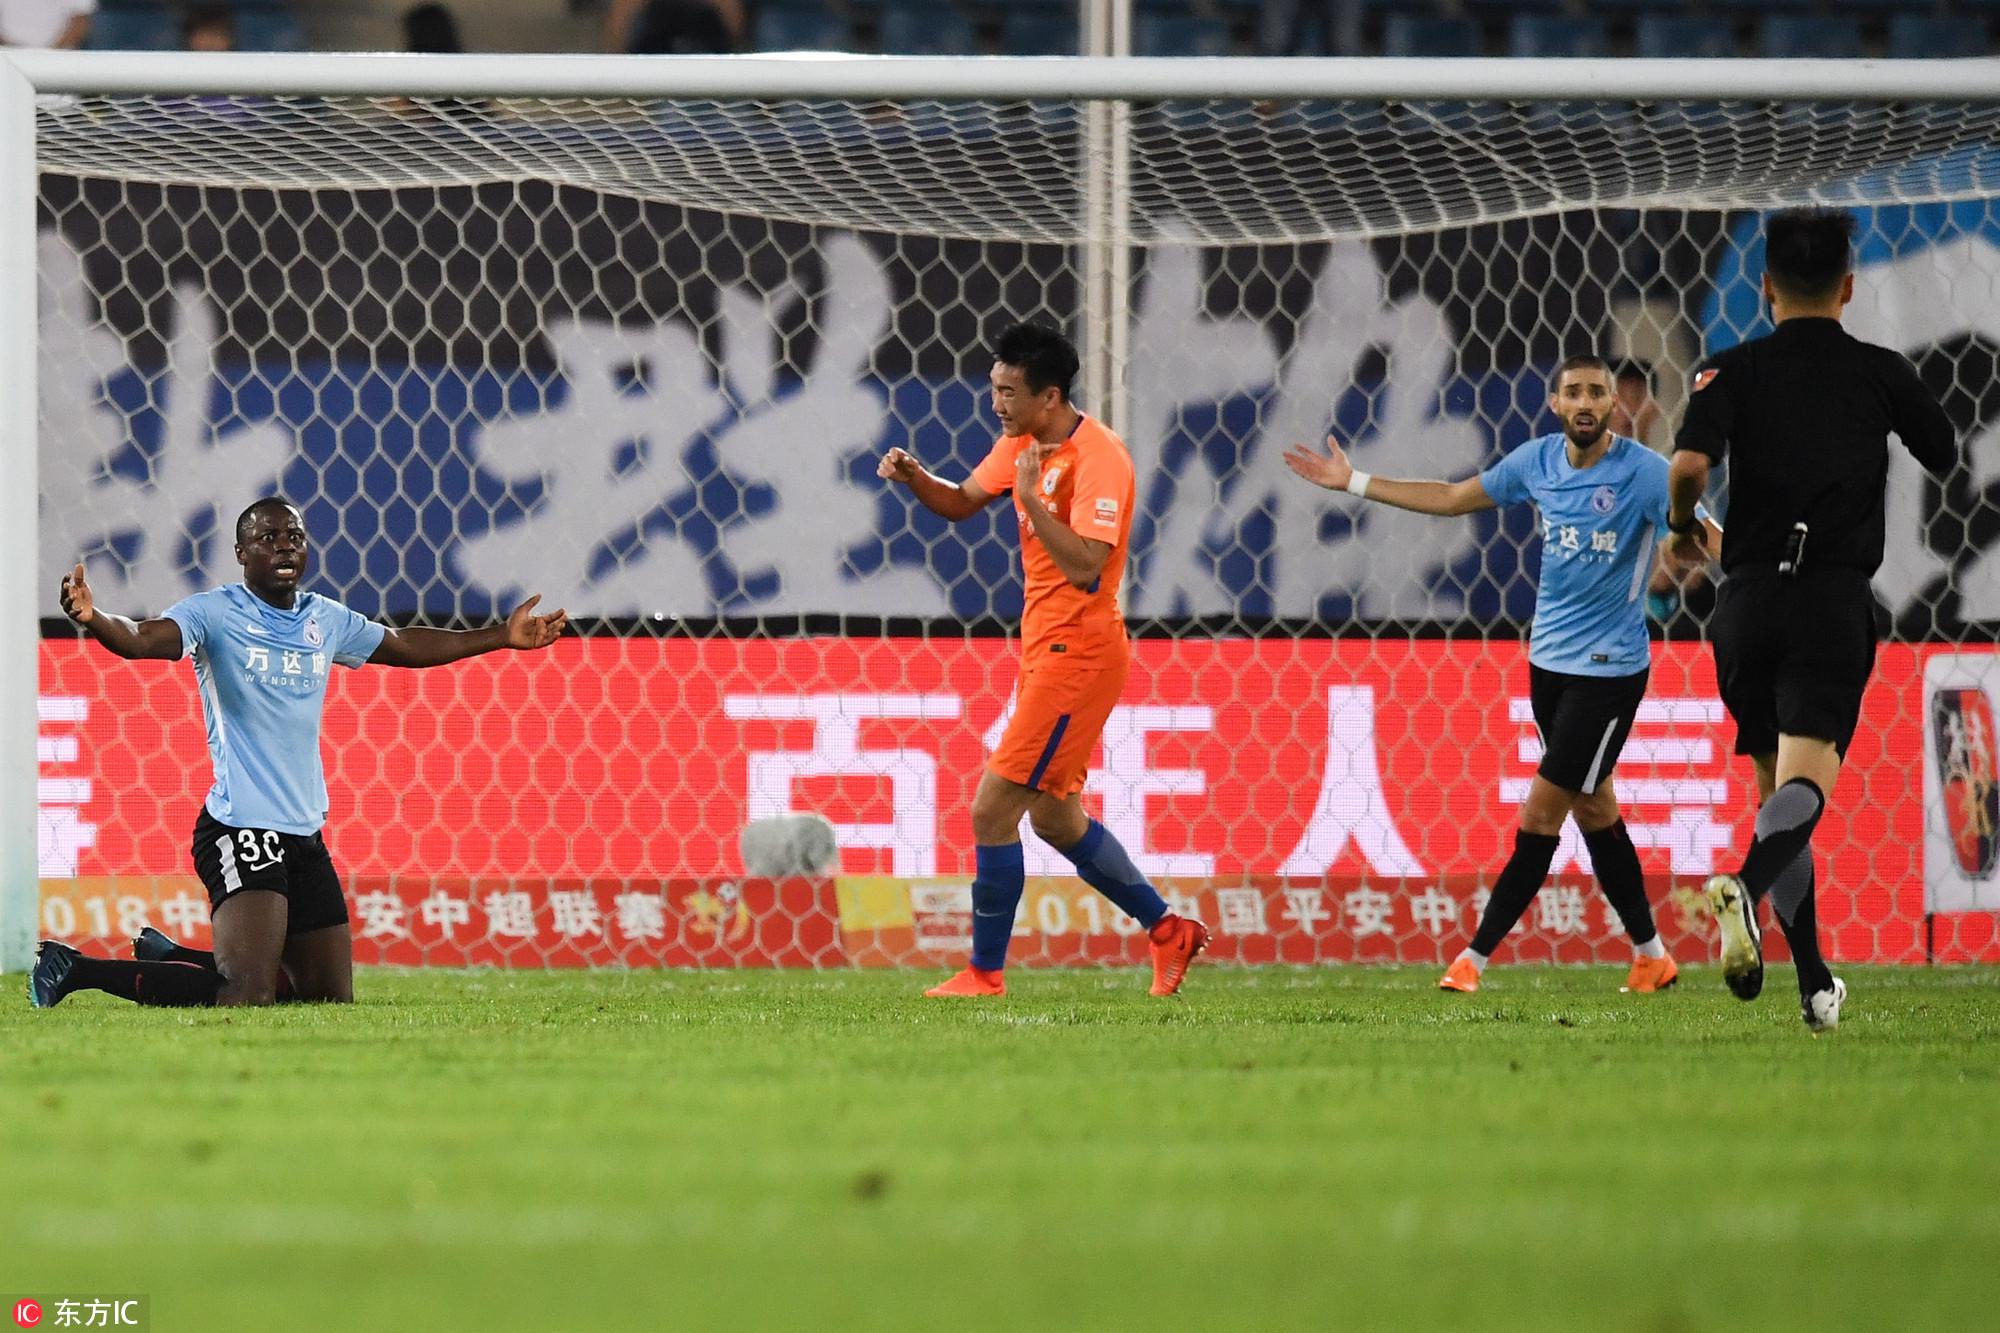 刘军帅微博质疑穆谢奎:自觉不是点球为什么不去踢飞